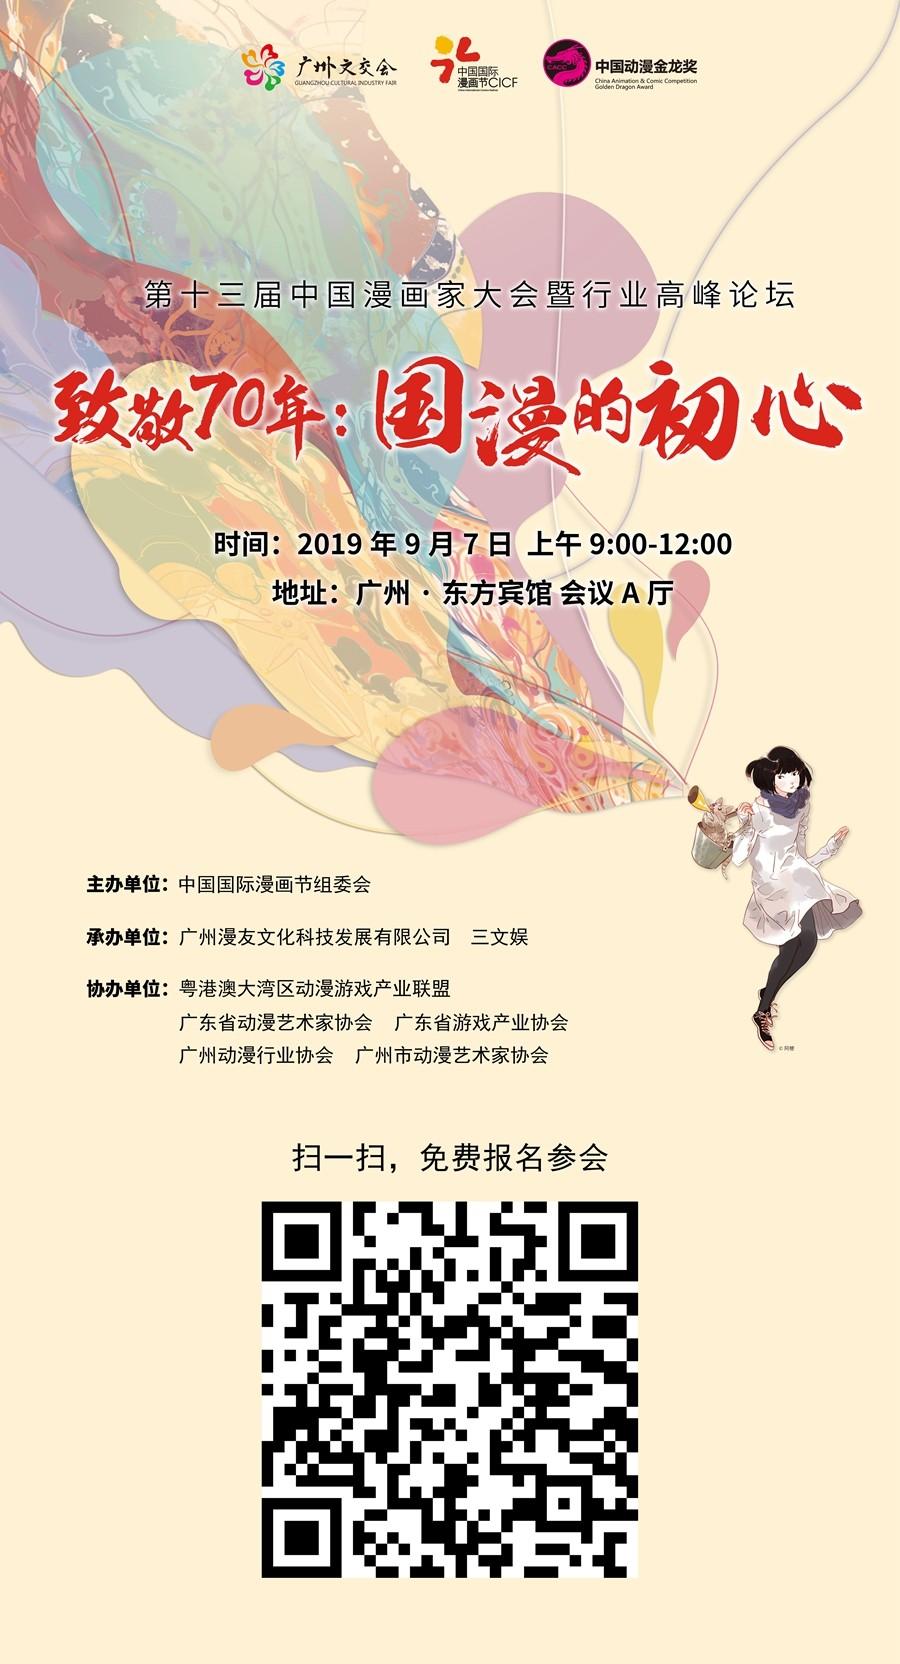 致敬70年:国漫的初心 | 第十三届中国漫画家大会邀您参与 展会活动-第1张